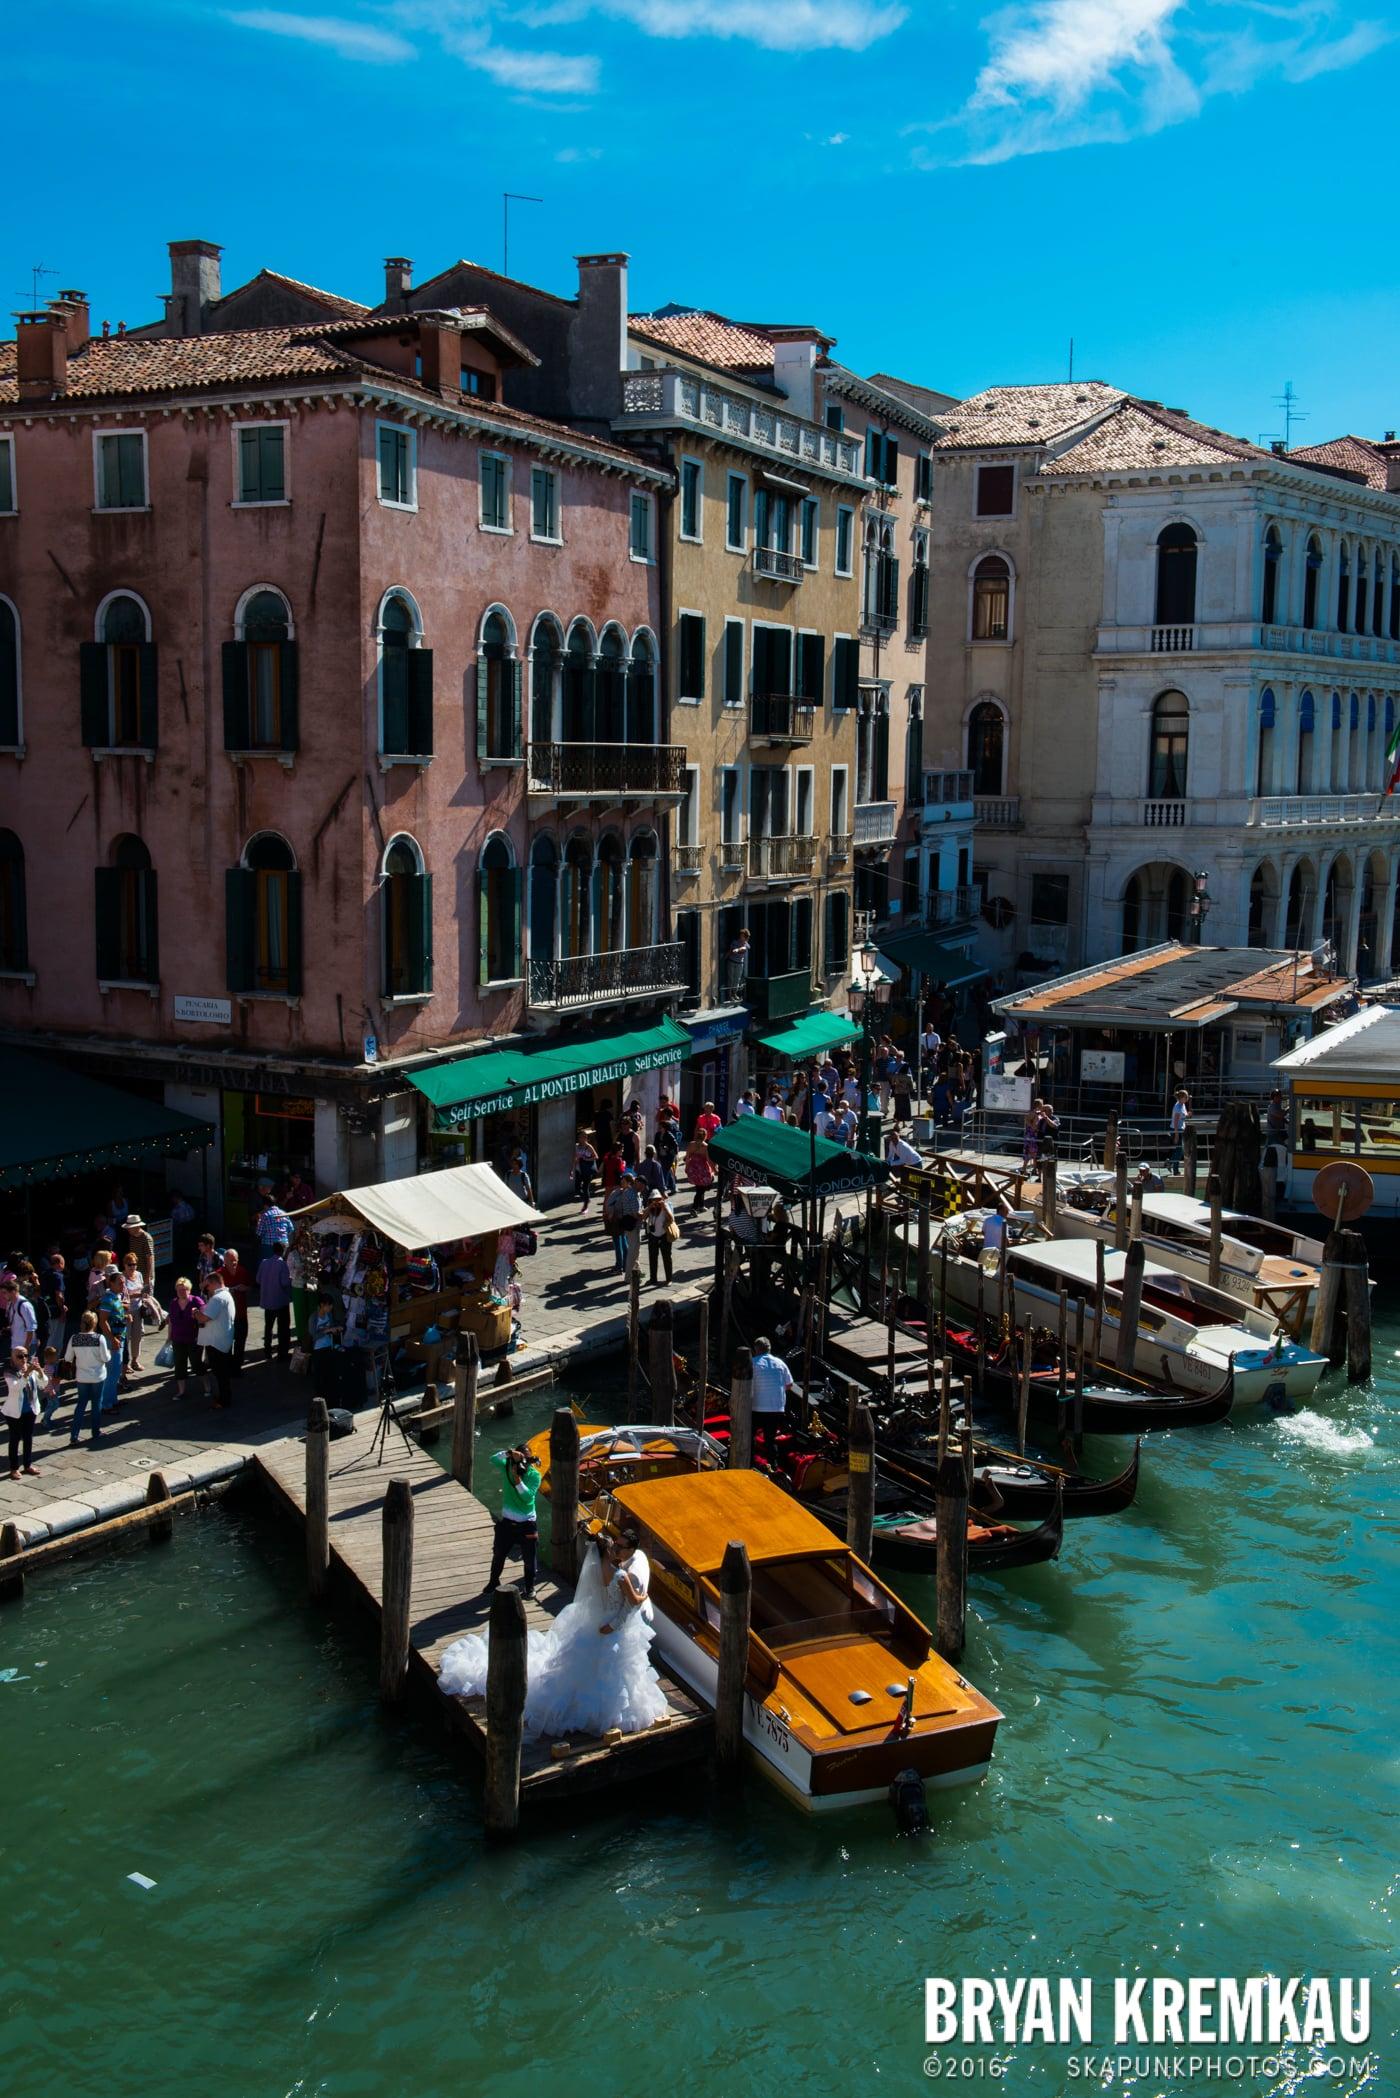 Italy Vacation - Day 4: Venice - 9.12.13 (60)